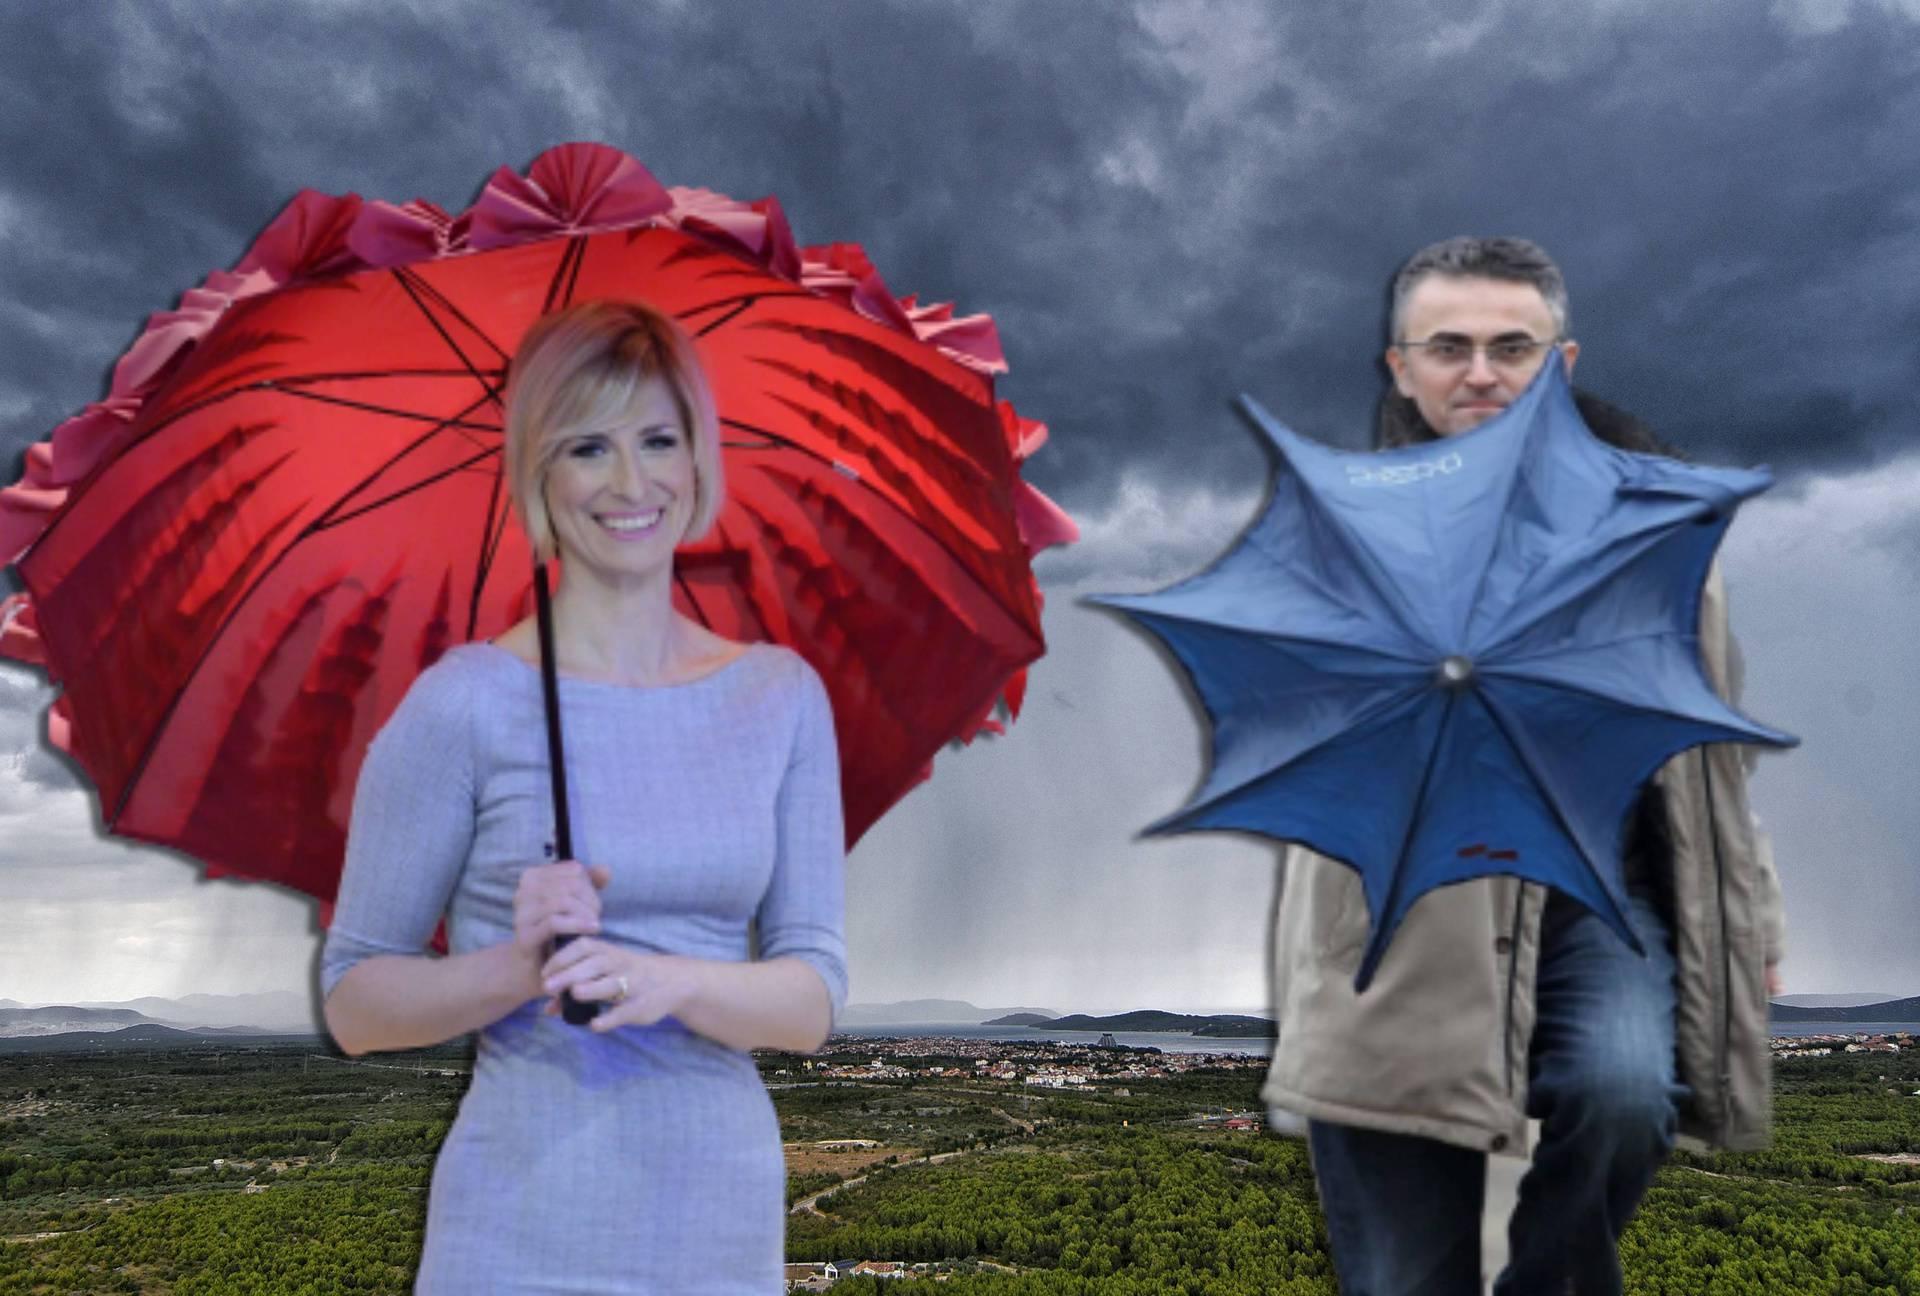 'Ne bi baš rekli da su dugoročne prognoze za ljeto skroz fulane!'